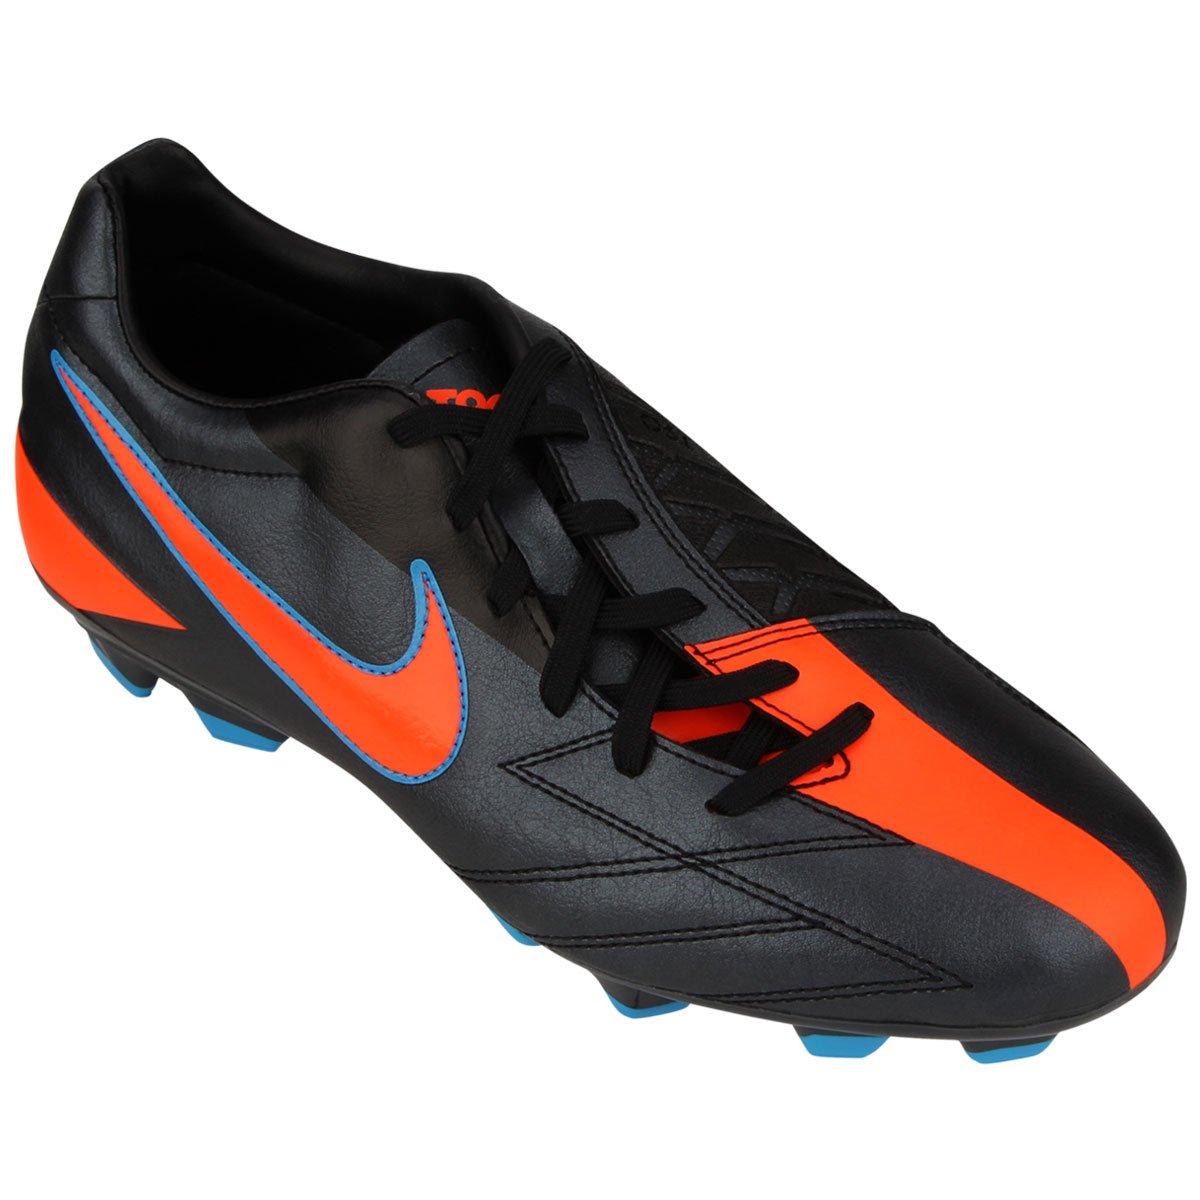 1c996ca5c0 Chuteira Nike Total 90 Shoot 4 FG - Compre Agora